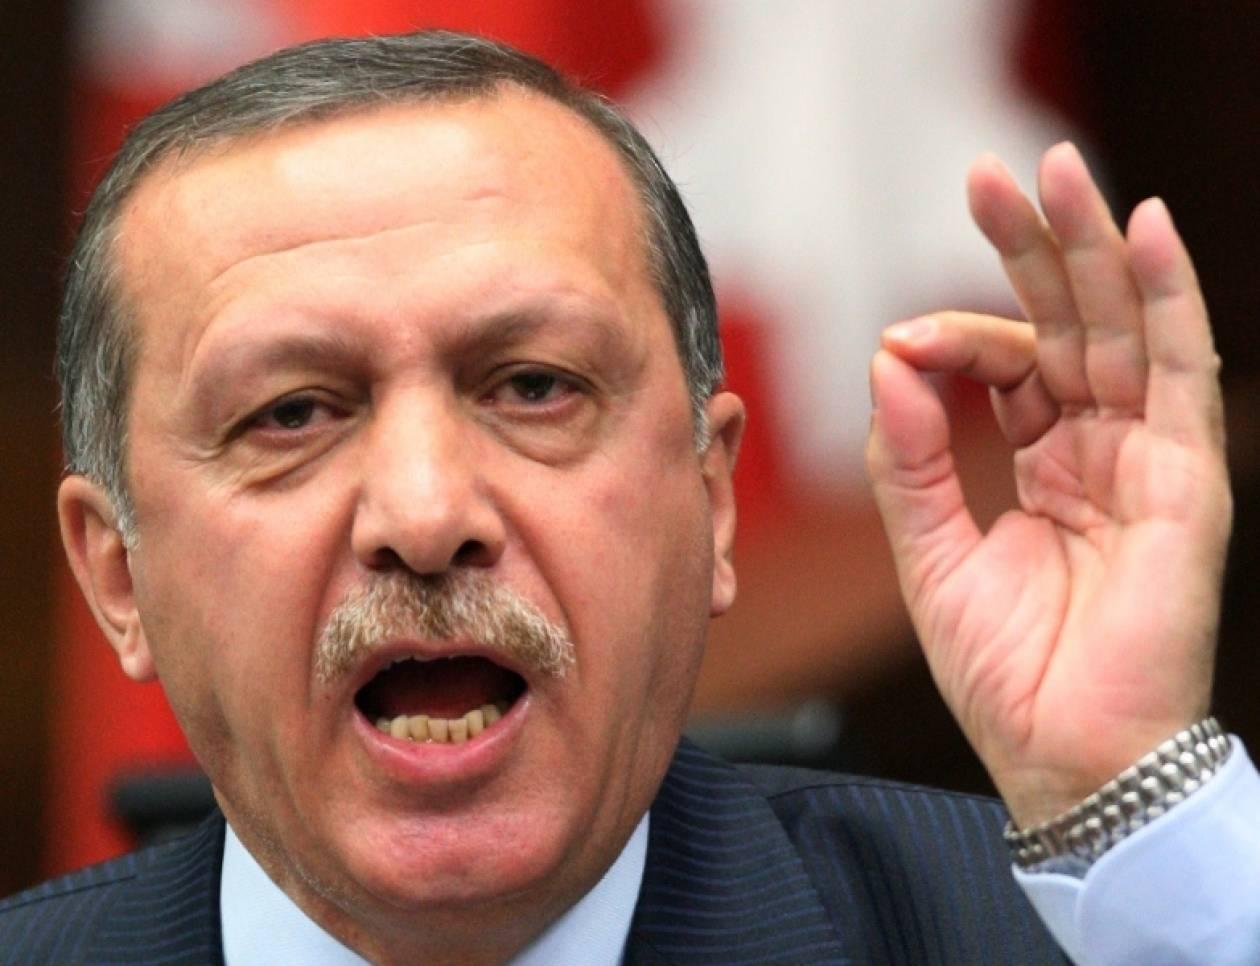 «Θα έρθει η μέρα που θα φύγεις κι εσύ», λέει ο Ερντογάν στον Άσαντ